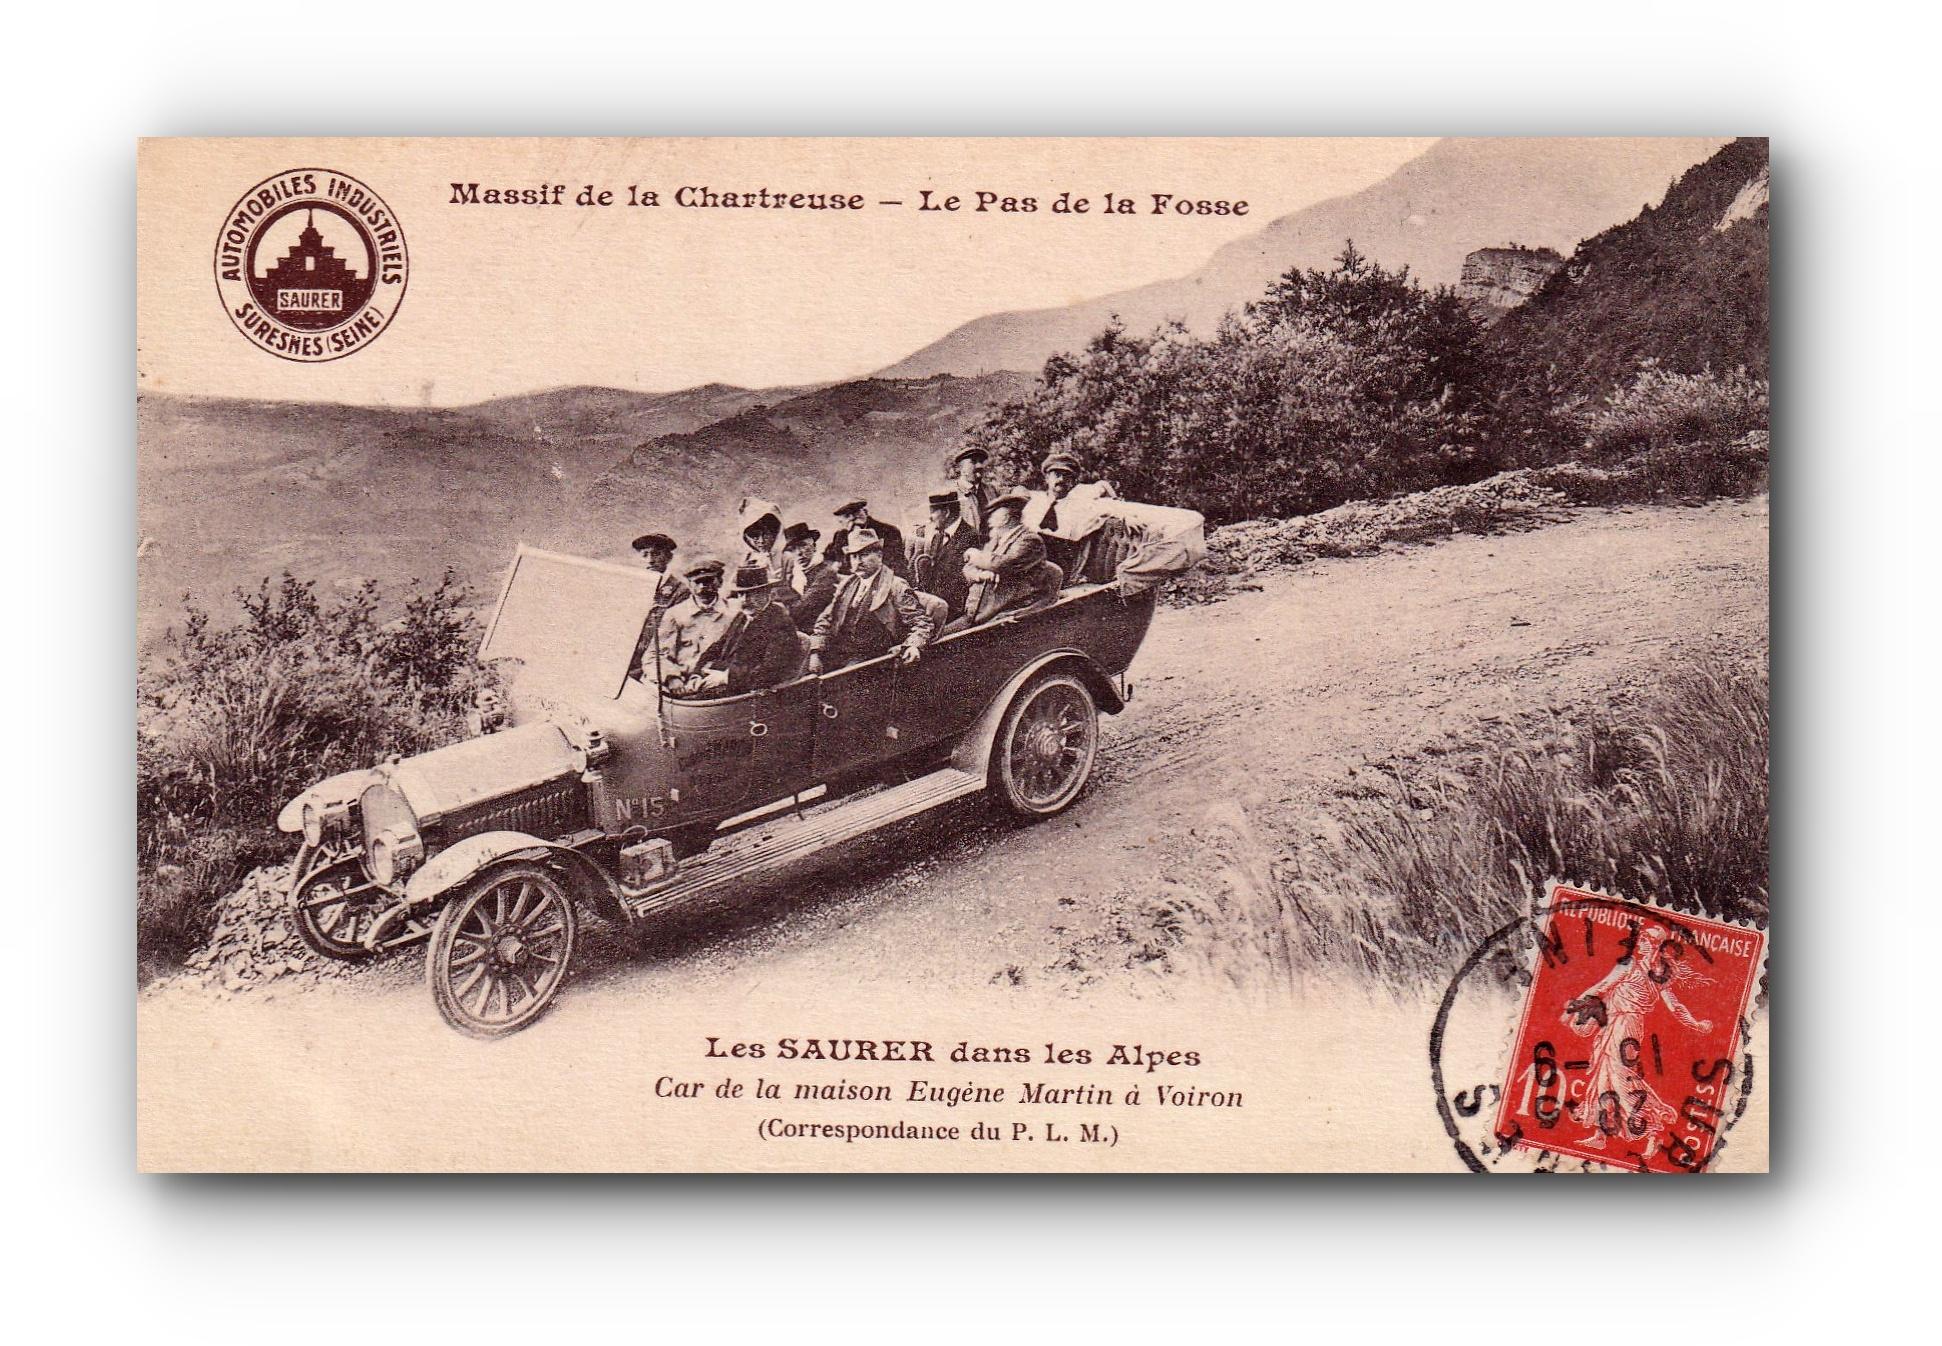 Massif de la Chartreuse - 29.08.1904 - Das Massiv der Chartreuse - The Chartreuse Massif